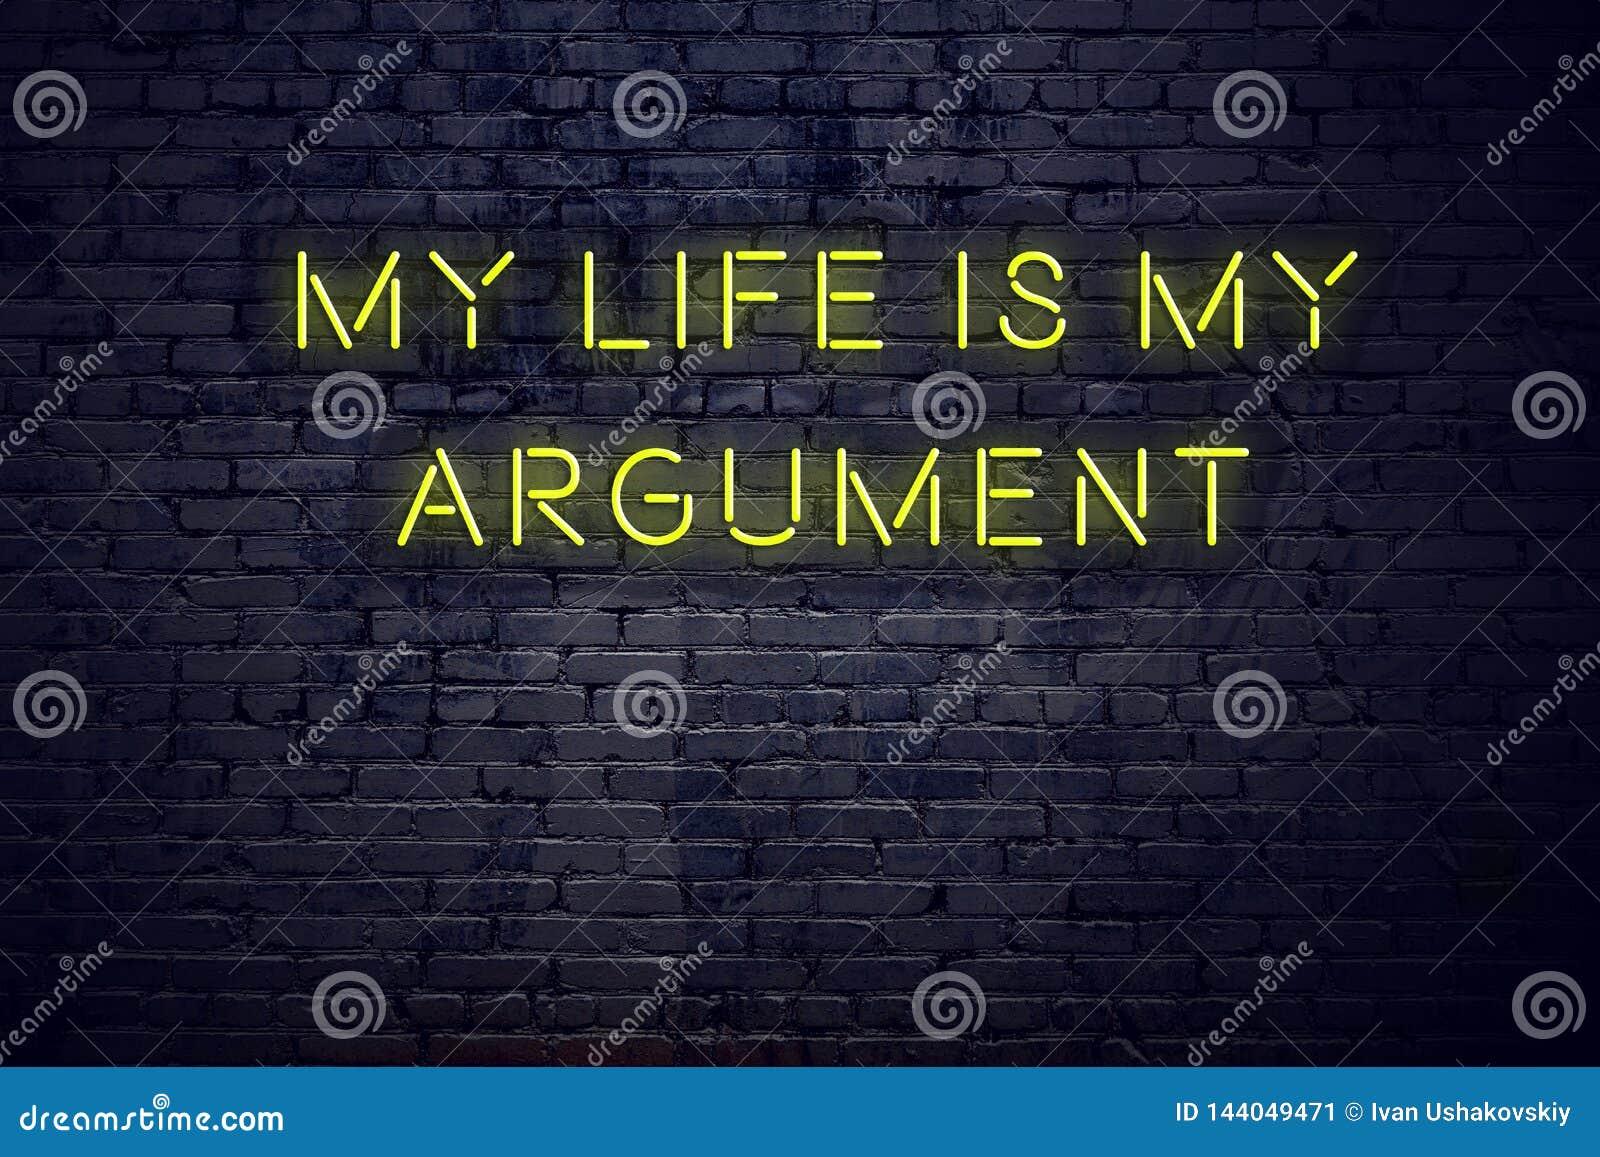 Positives Anspornungszitat auf Leuchtreklame gegen Backsteinmauer mein Leben ist mein Argument